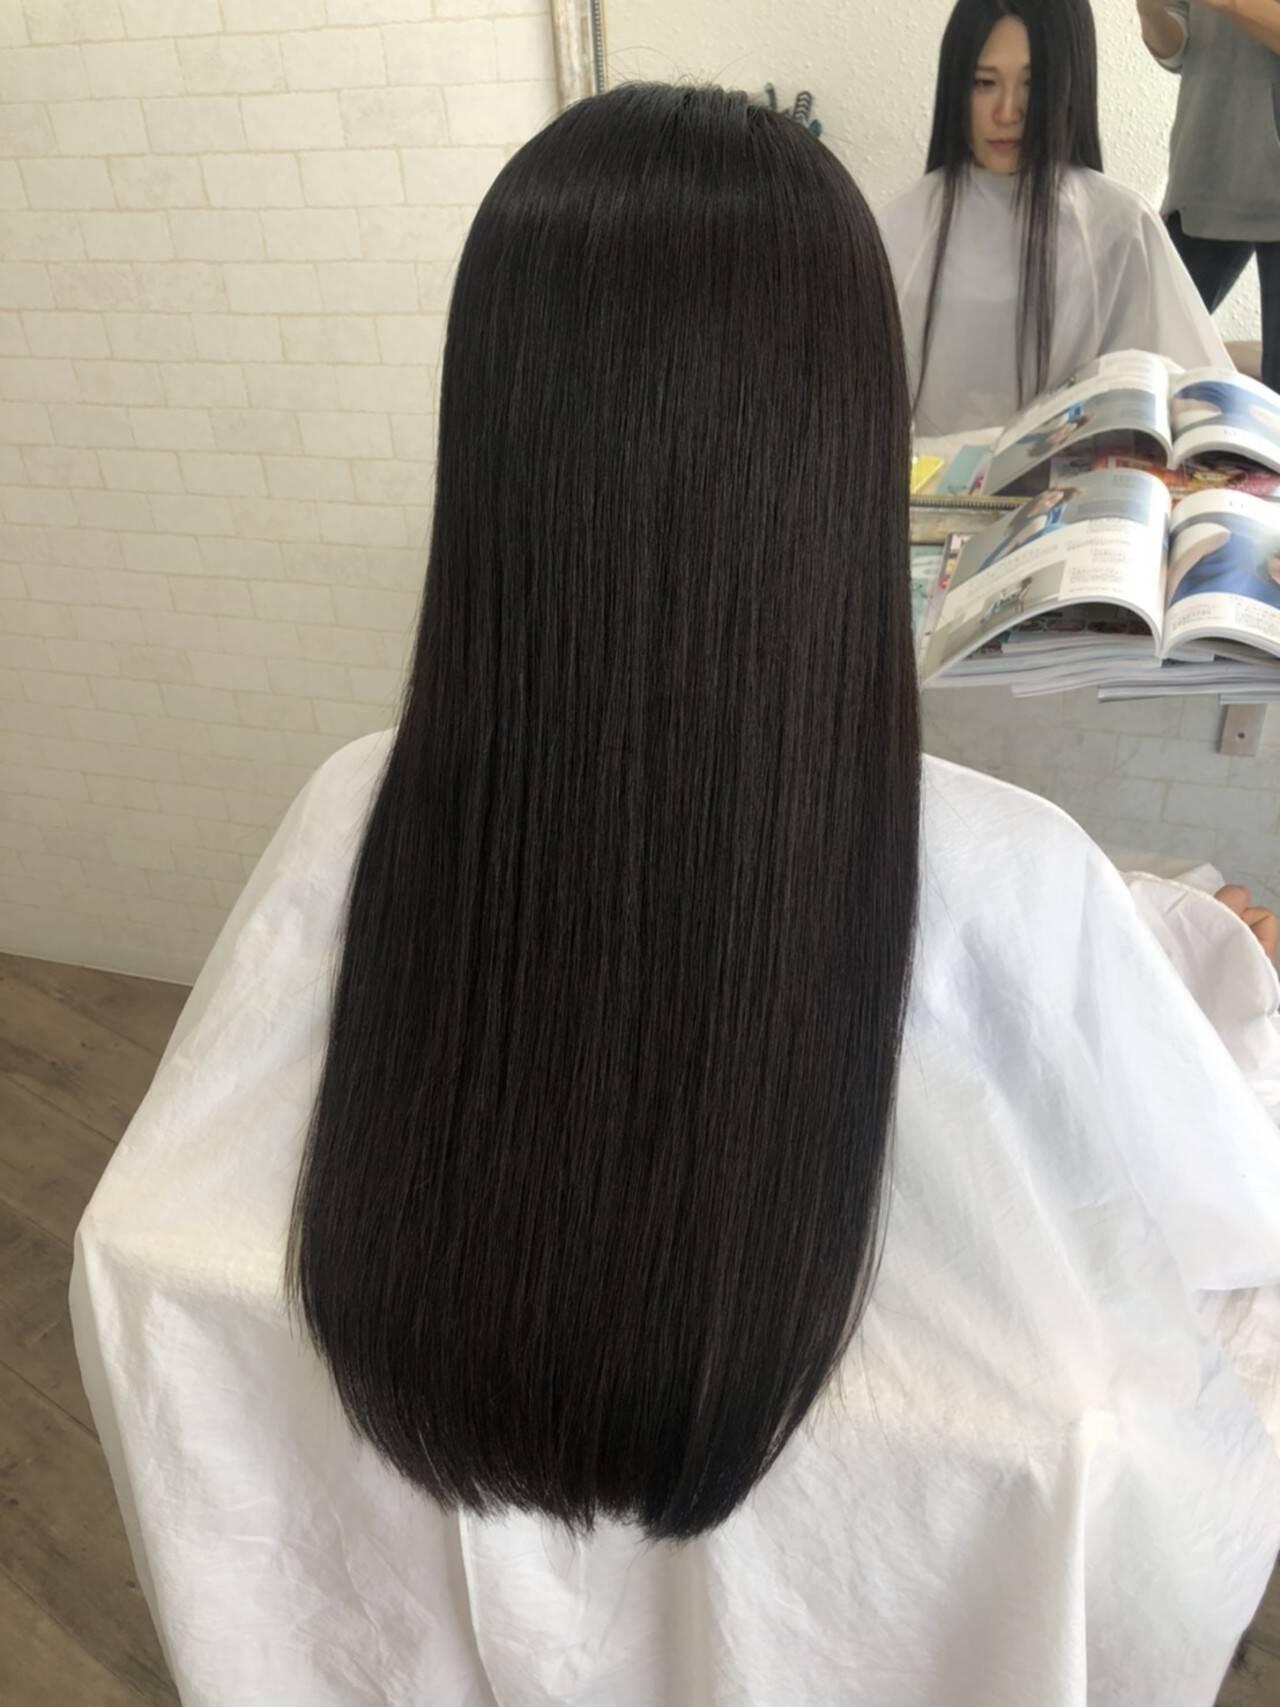 縮毛矯正ストカール 縮毛矯正名古屋市 艶髪 ナチュラルヘアスタイルや髪型の写真・画像